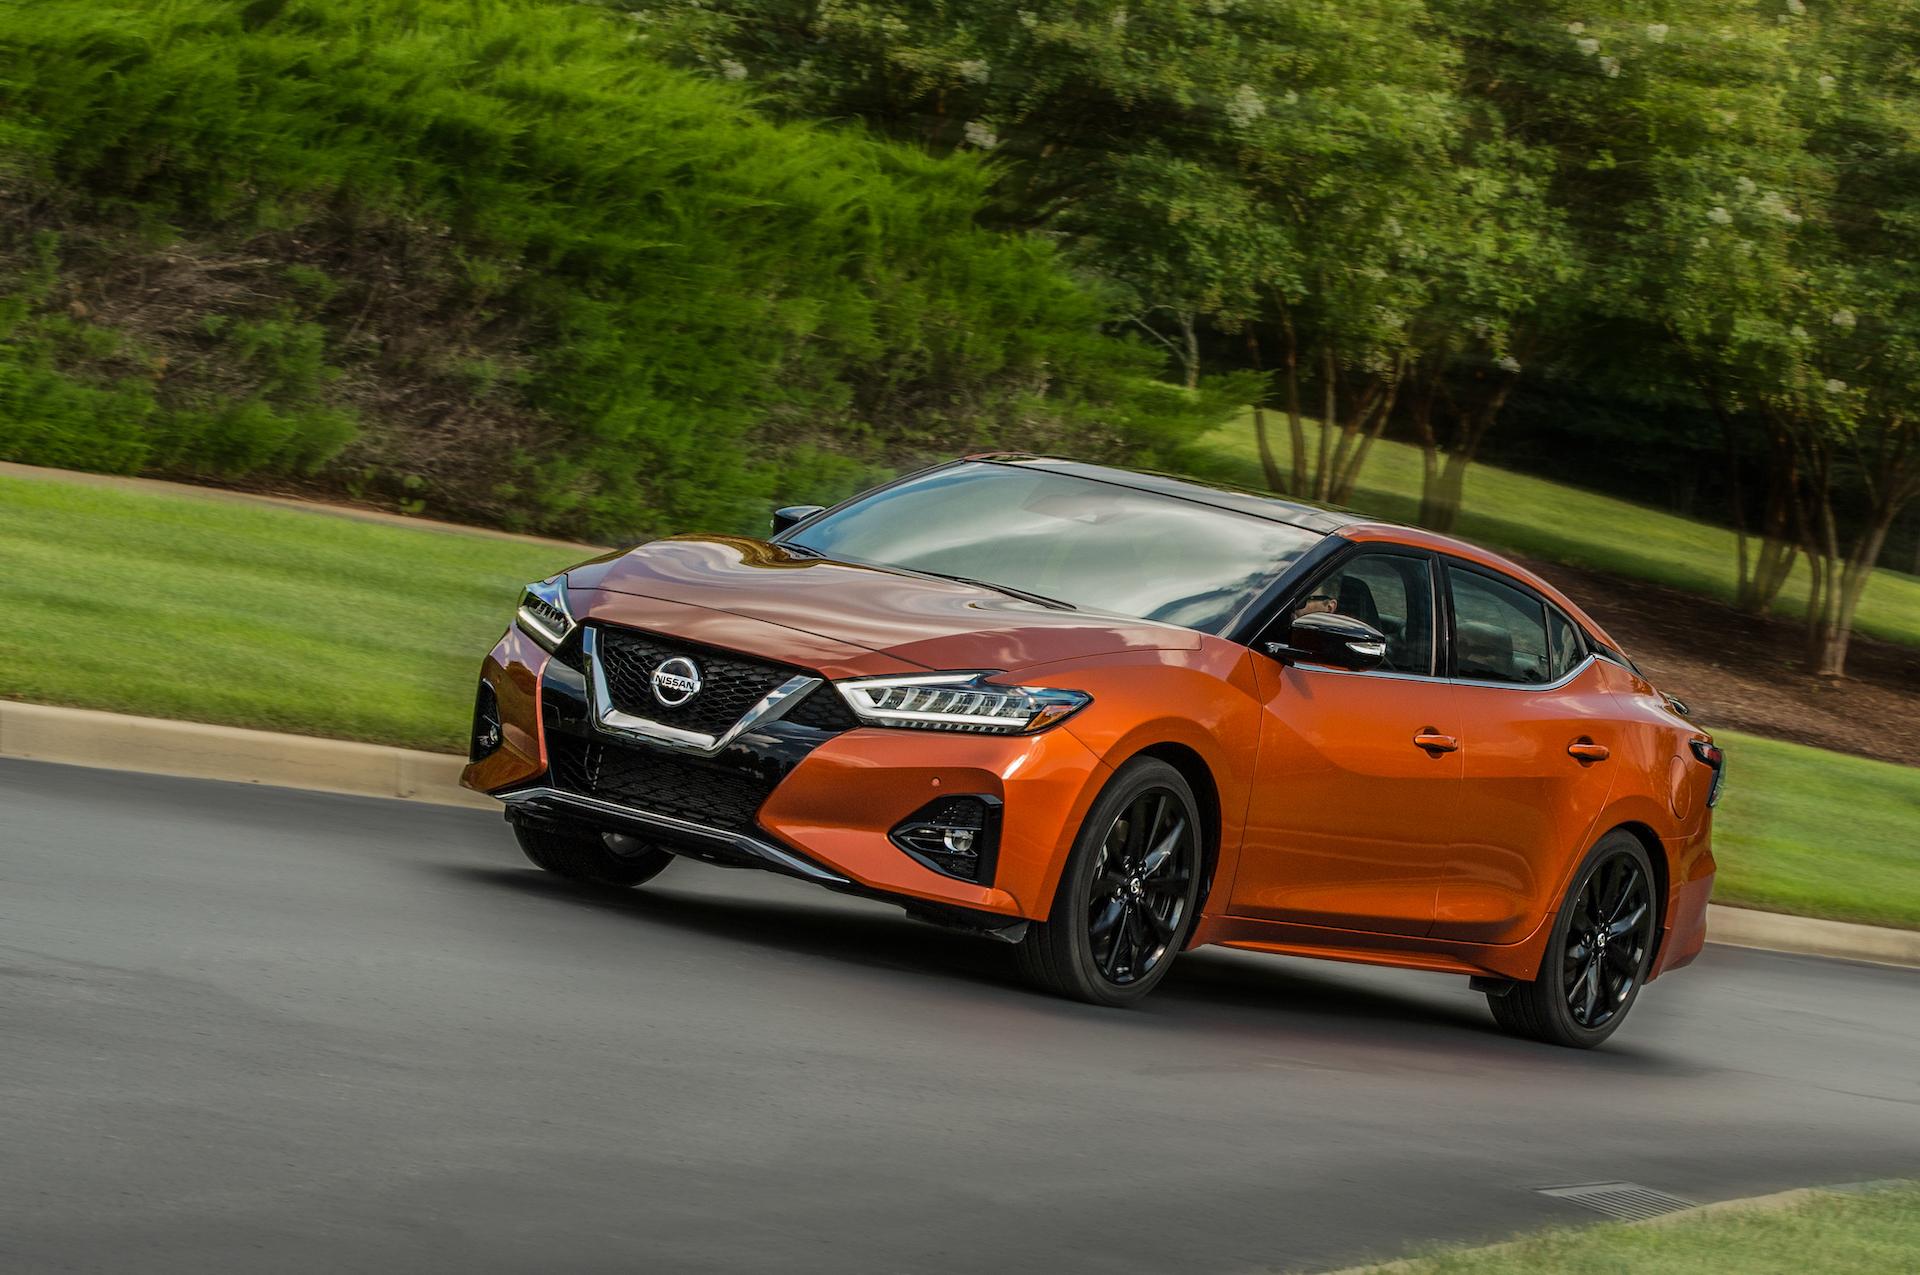 2020 Nissan Maxima | Top Car Show